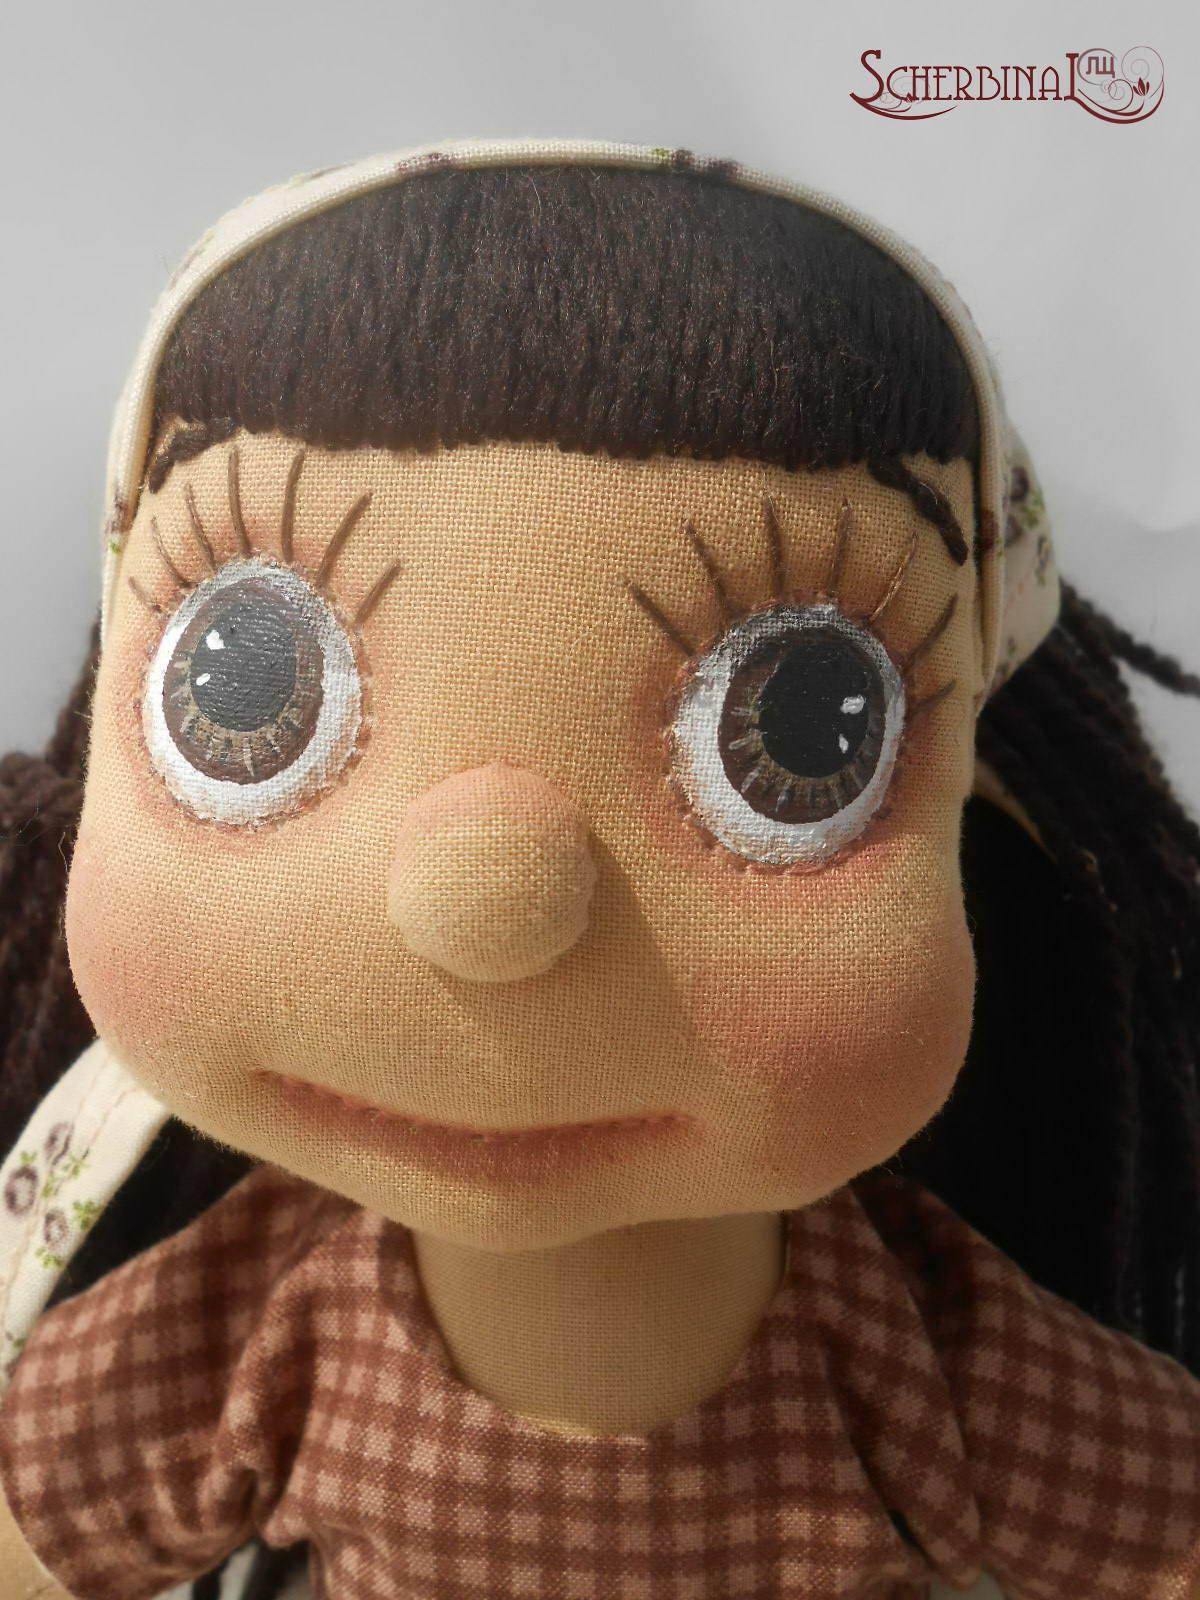 мастер-клас по росписи лица игровой текстильной куклы-карамельки Людмилы Щербина